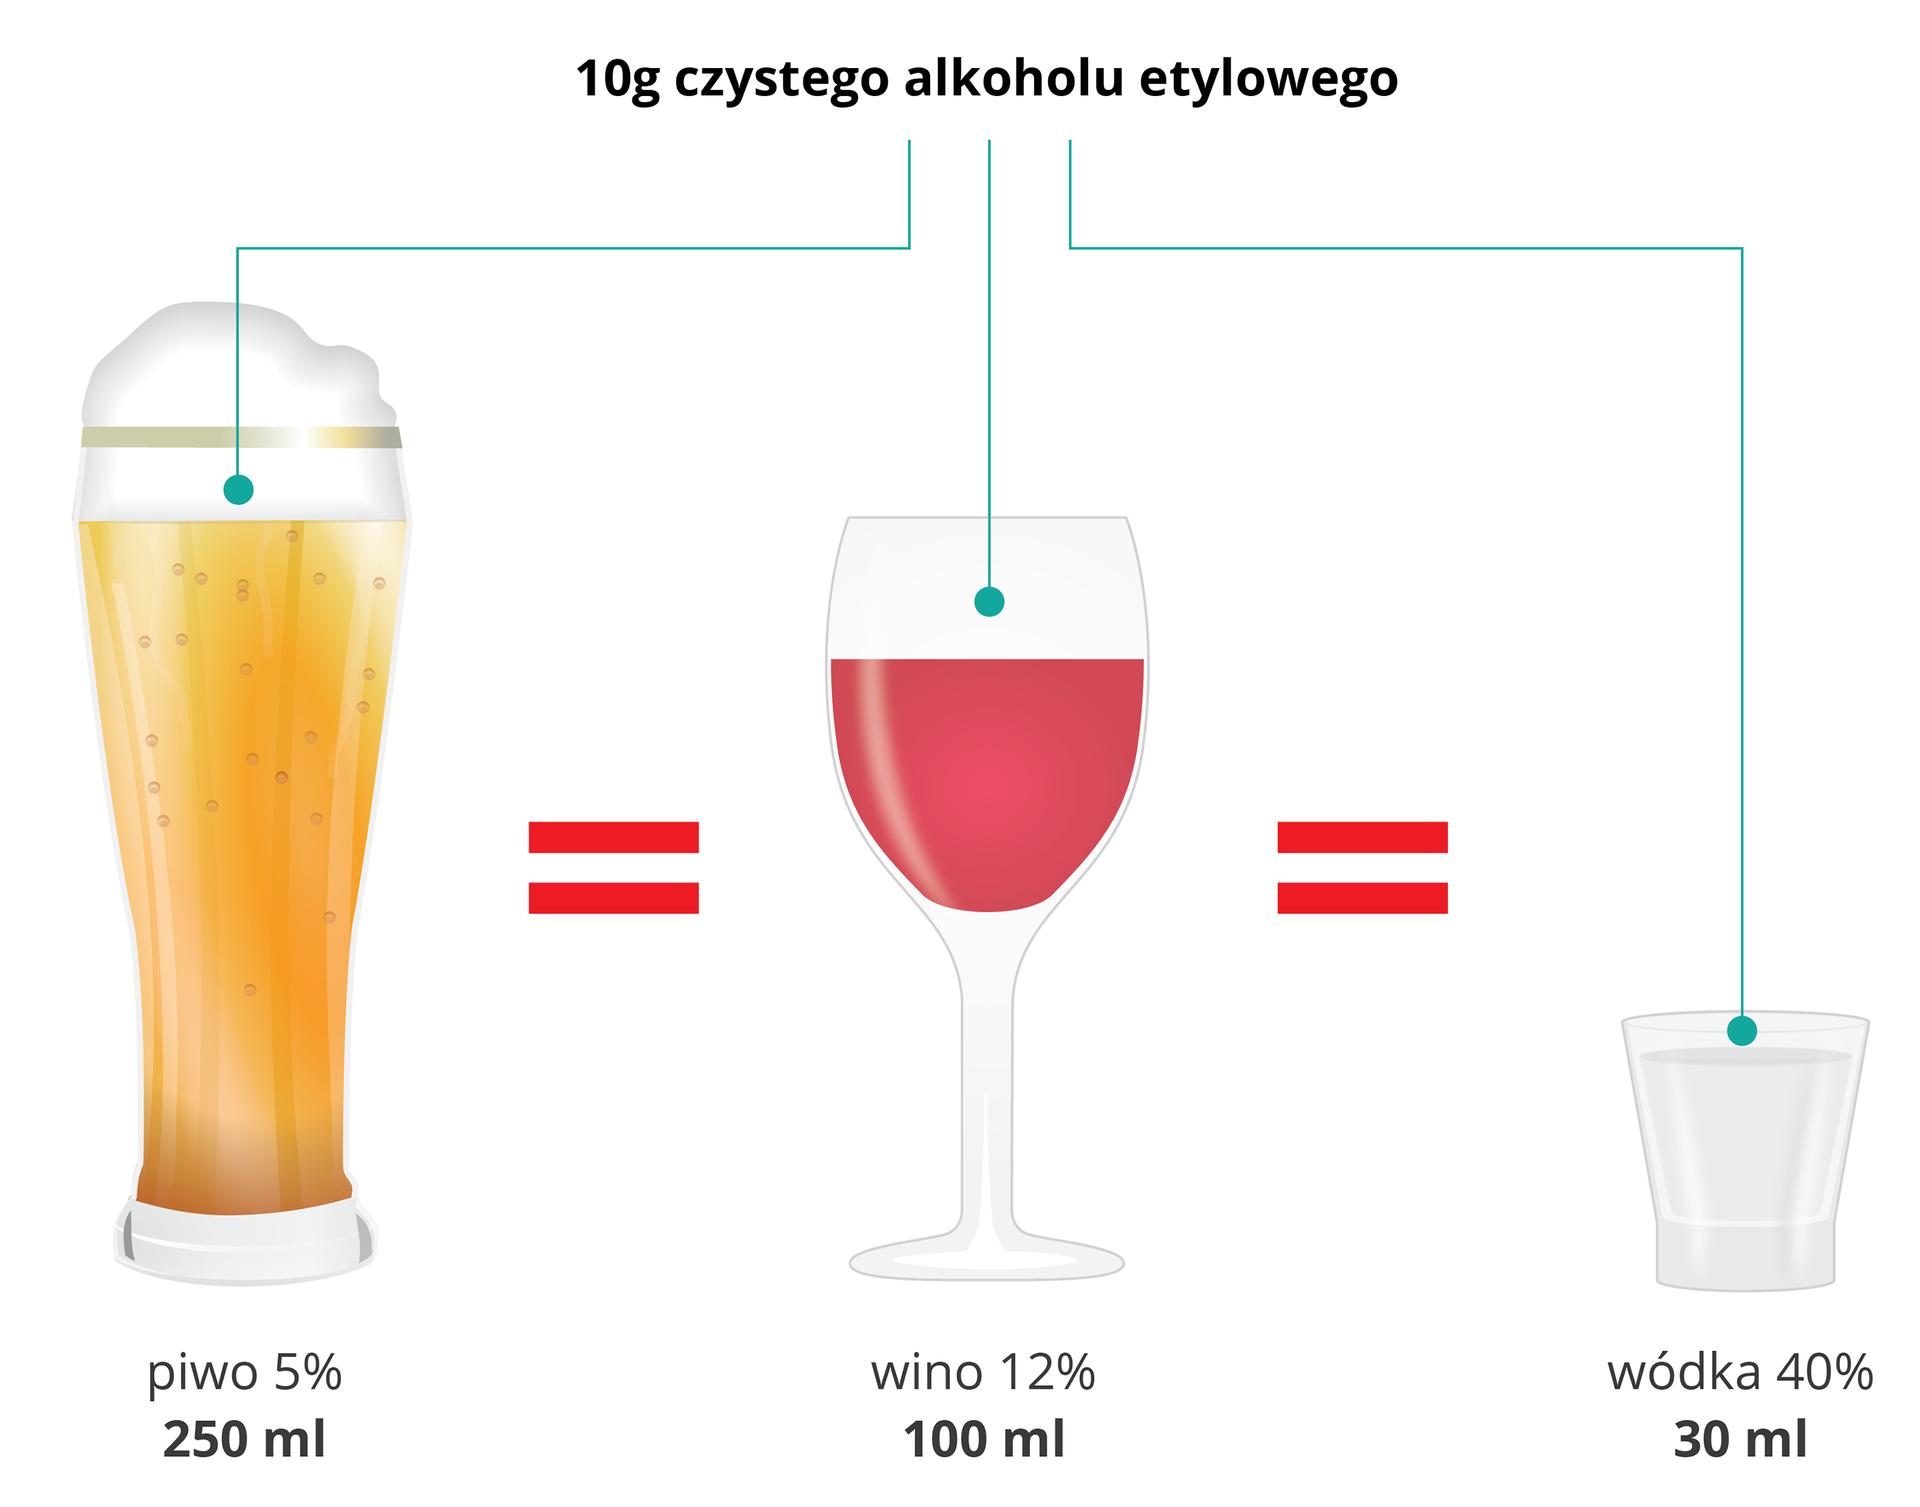 Ilustracja przedstawia szklankę piwa, lampkę wina ikieliszek wódki, które zawiarają taka samą ilość czystego alkoholu.